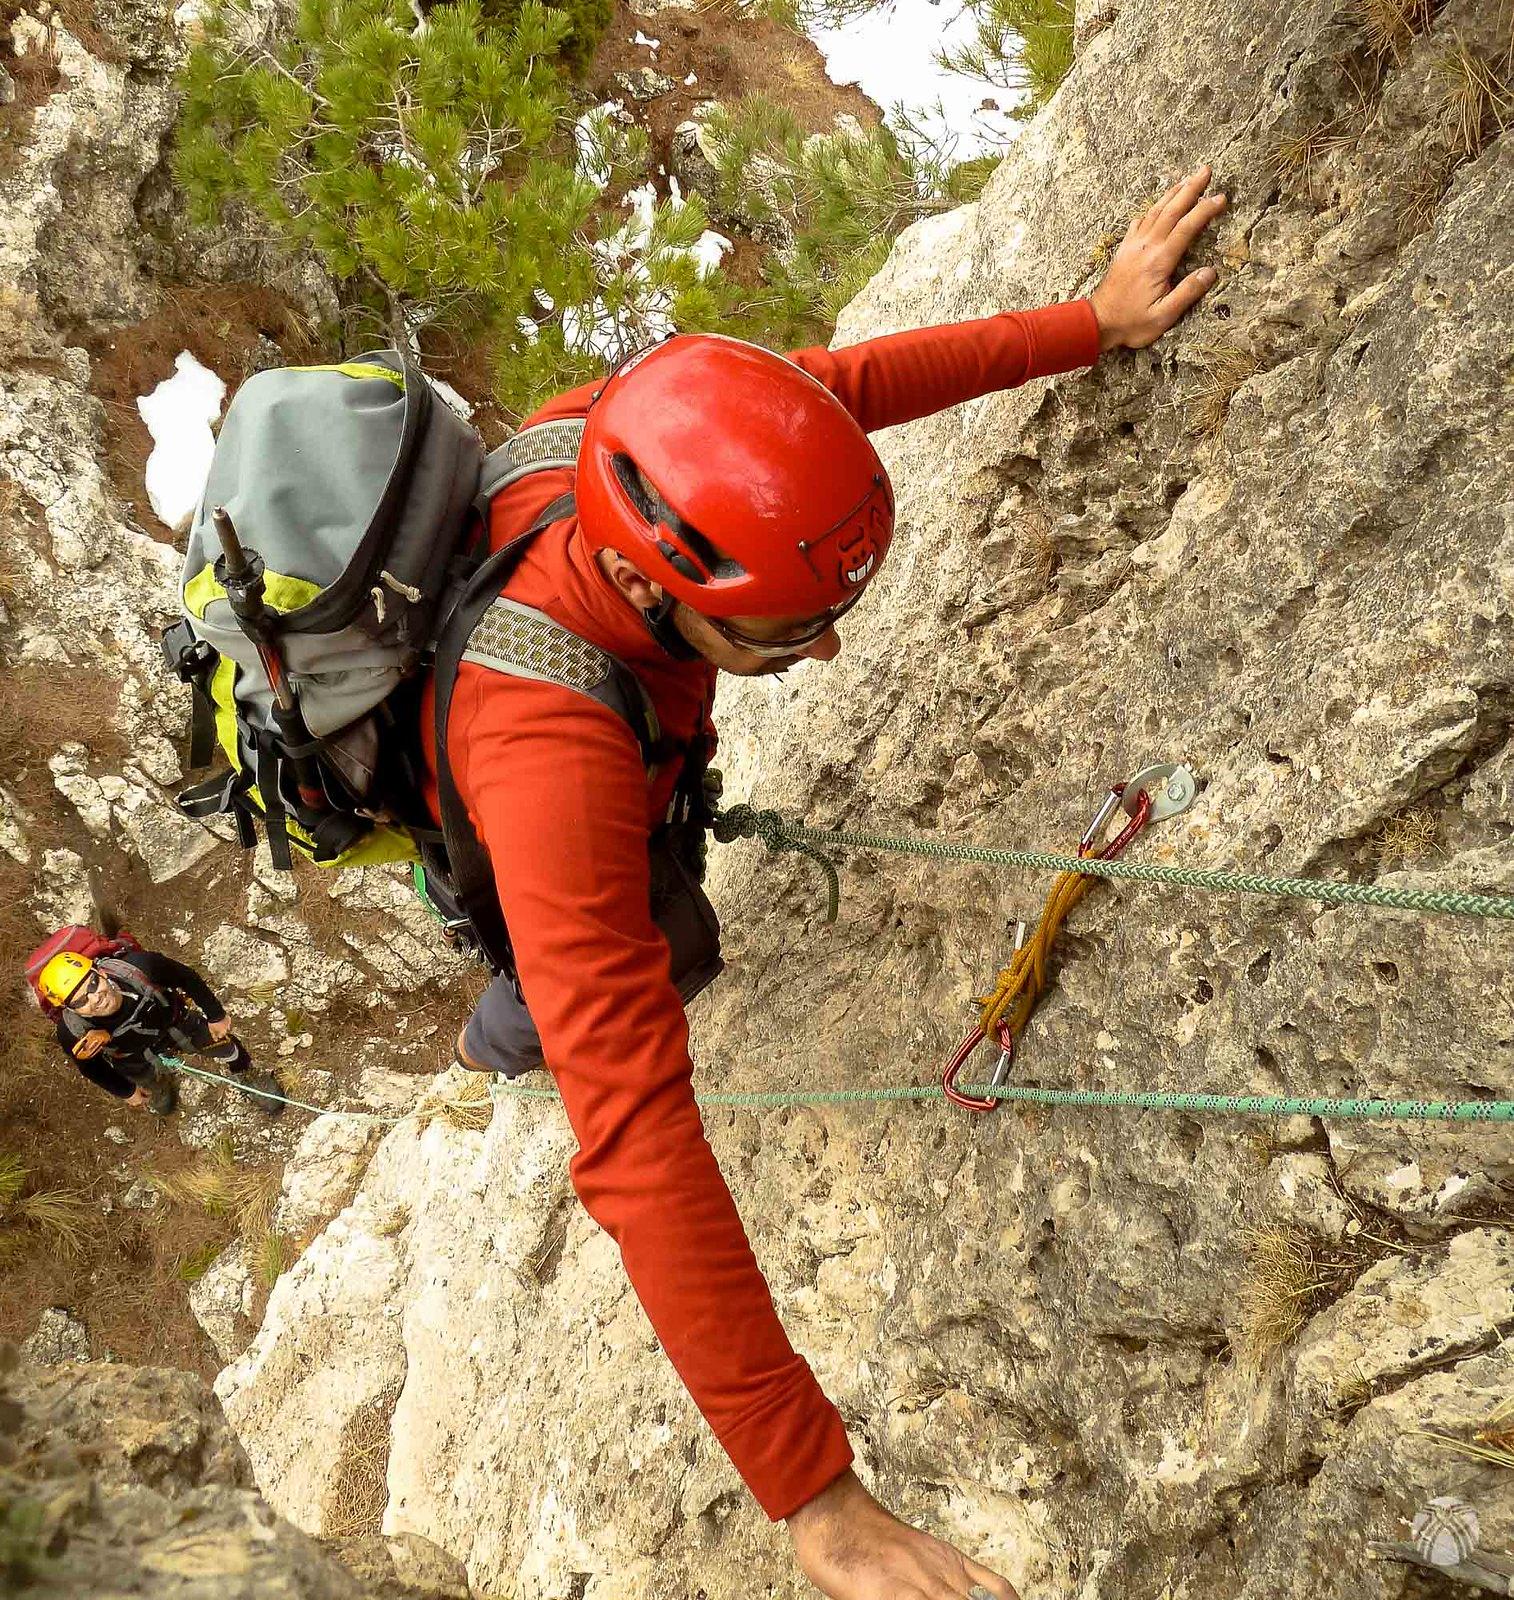 Primer largo de cuerda. Un IV clásico protegido con parabolts donde la reunión se monta en un pino